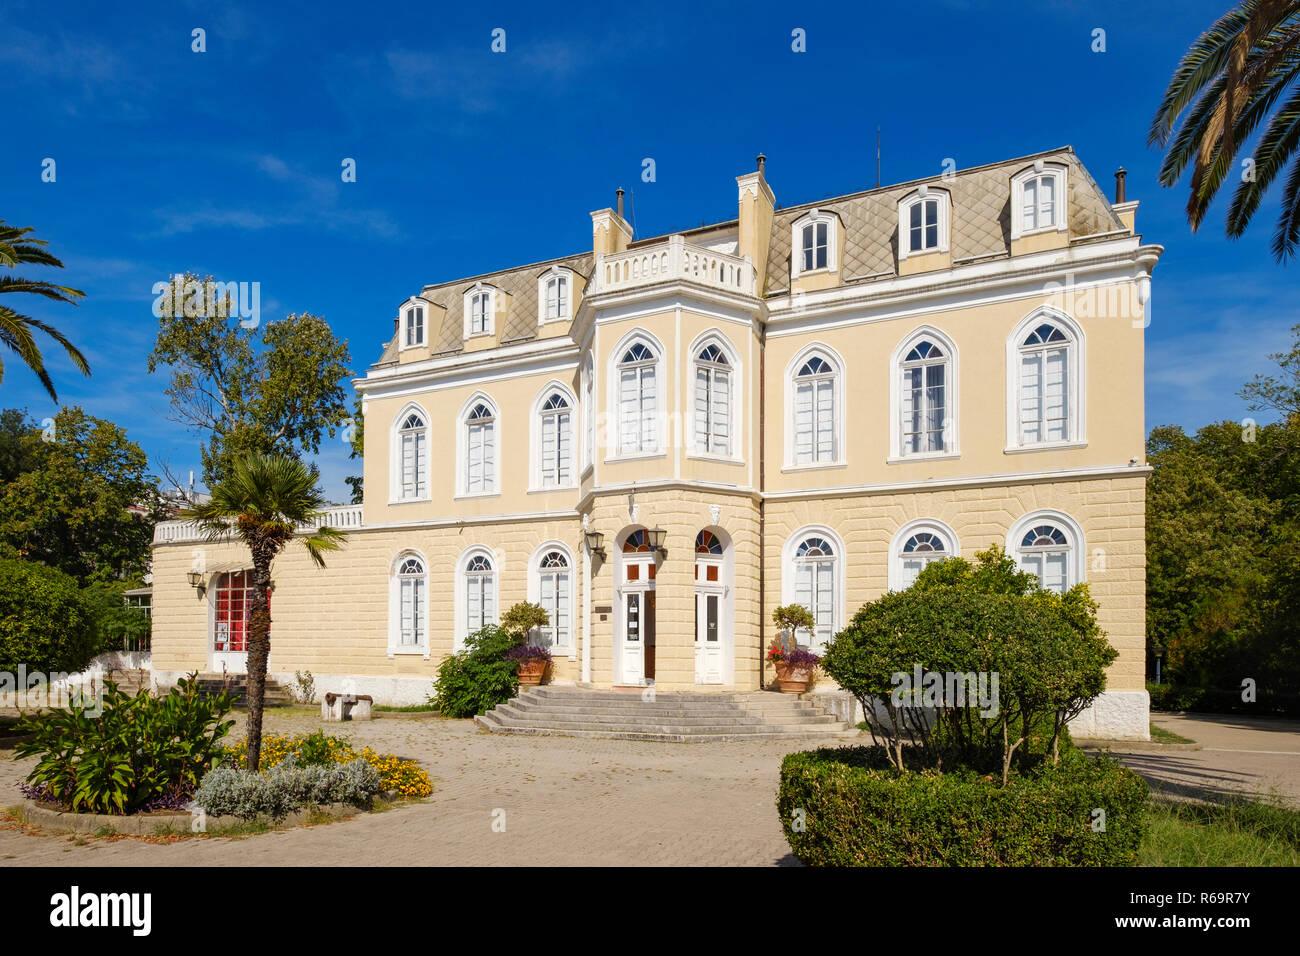 Summer Residence, Palace of King Nikola, City Bar, Adriatic Coast, Montenegro - Stock Image